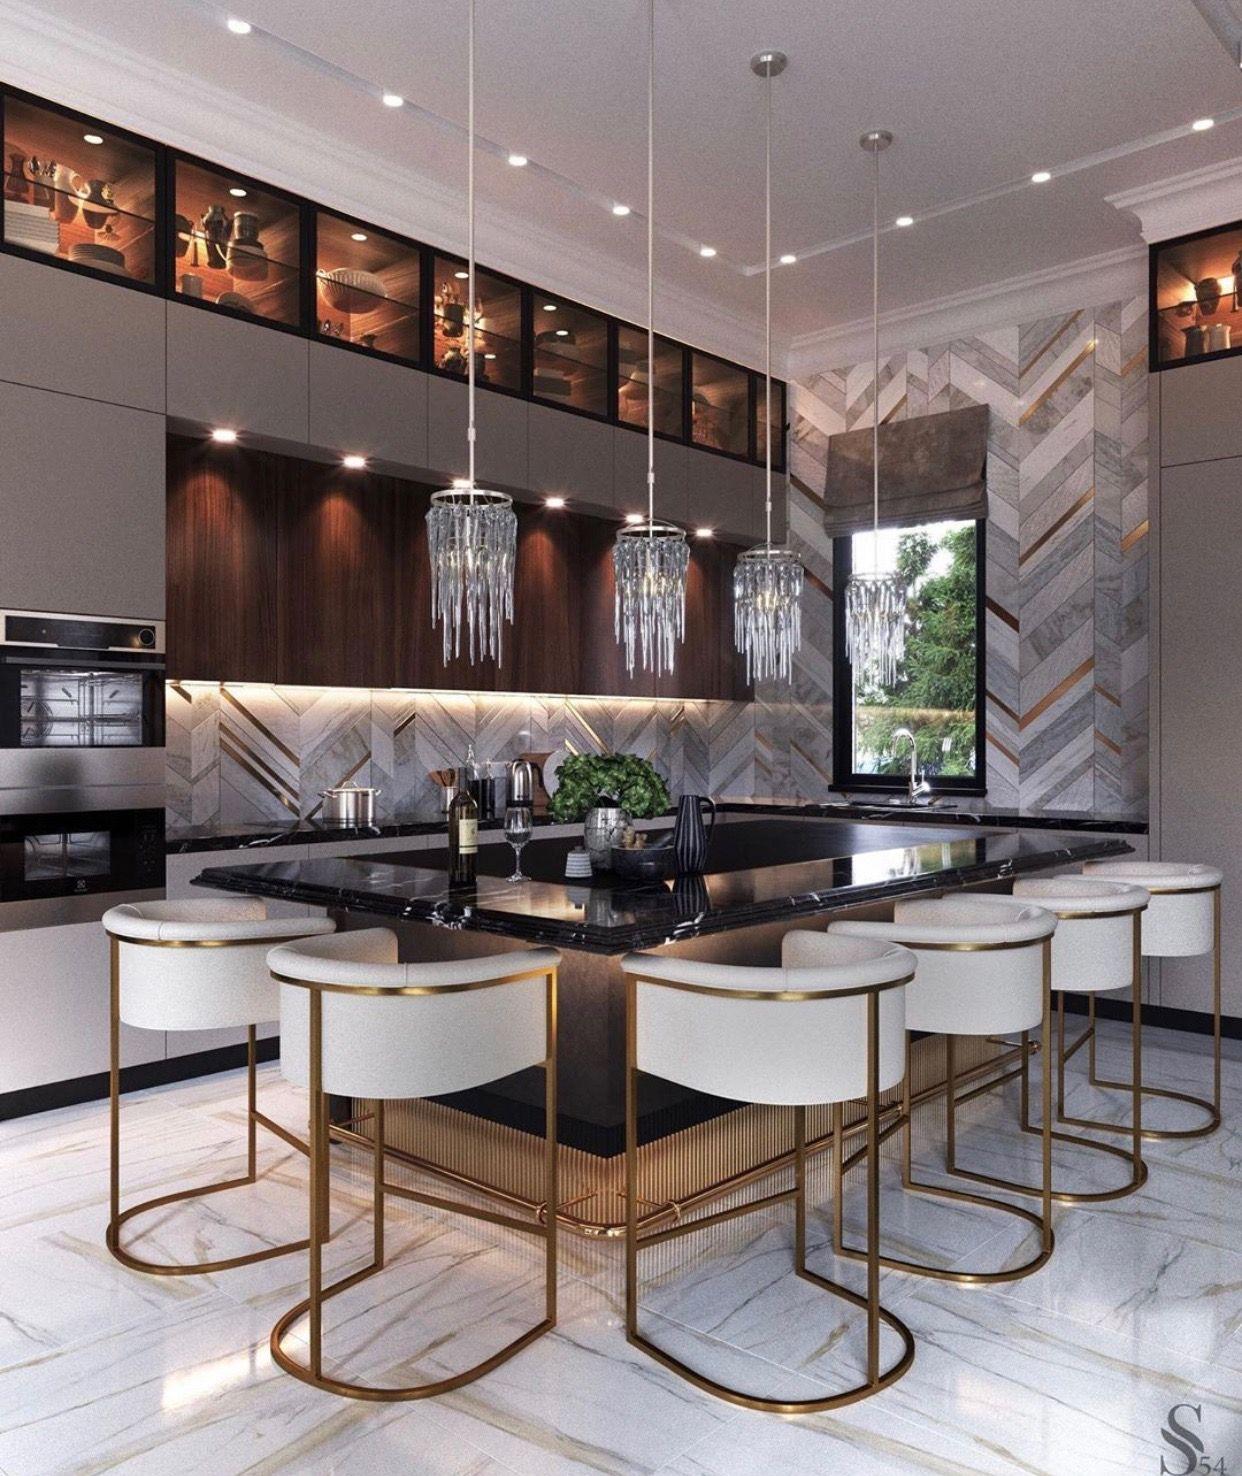 Pinterest Prettygirlslied In 2020 Kitchen Interior Modern Kitchen Design Home Decor Kitchen,Roadside Design Guide Clear Zone Table